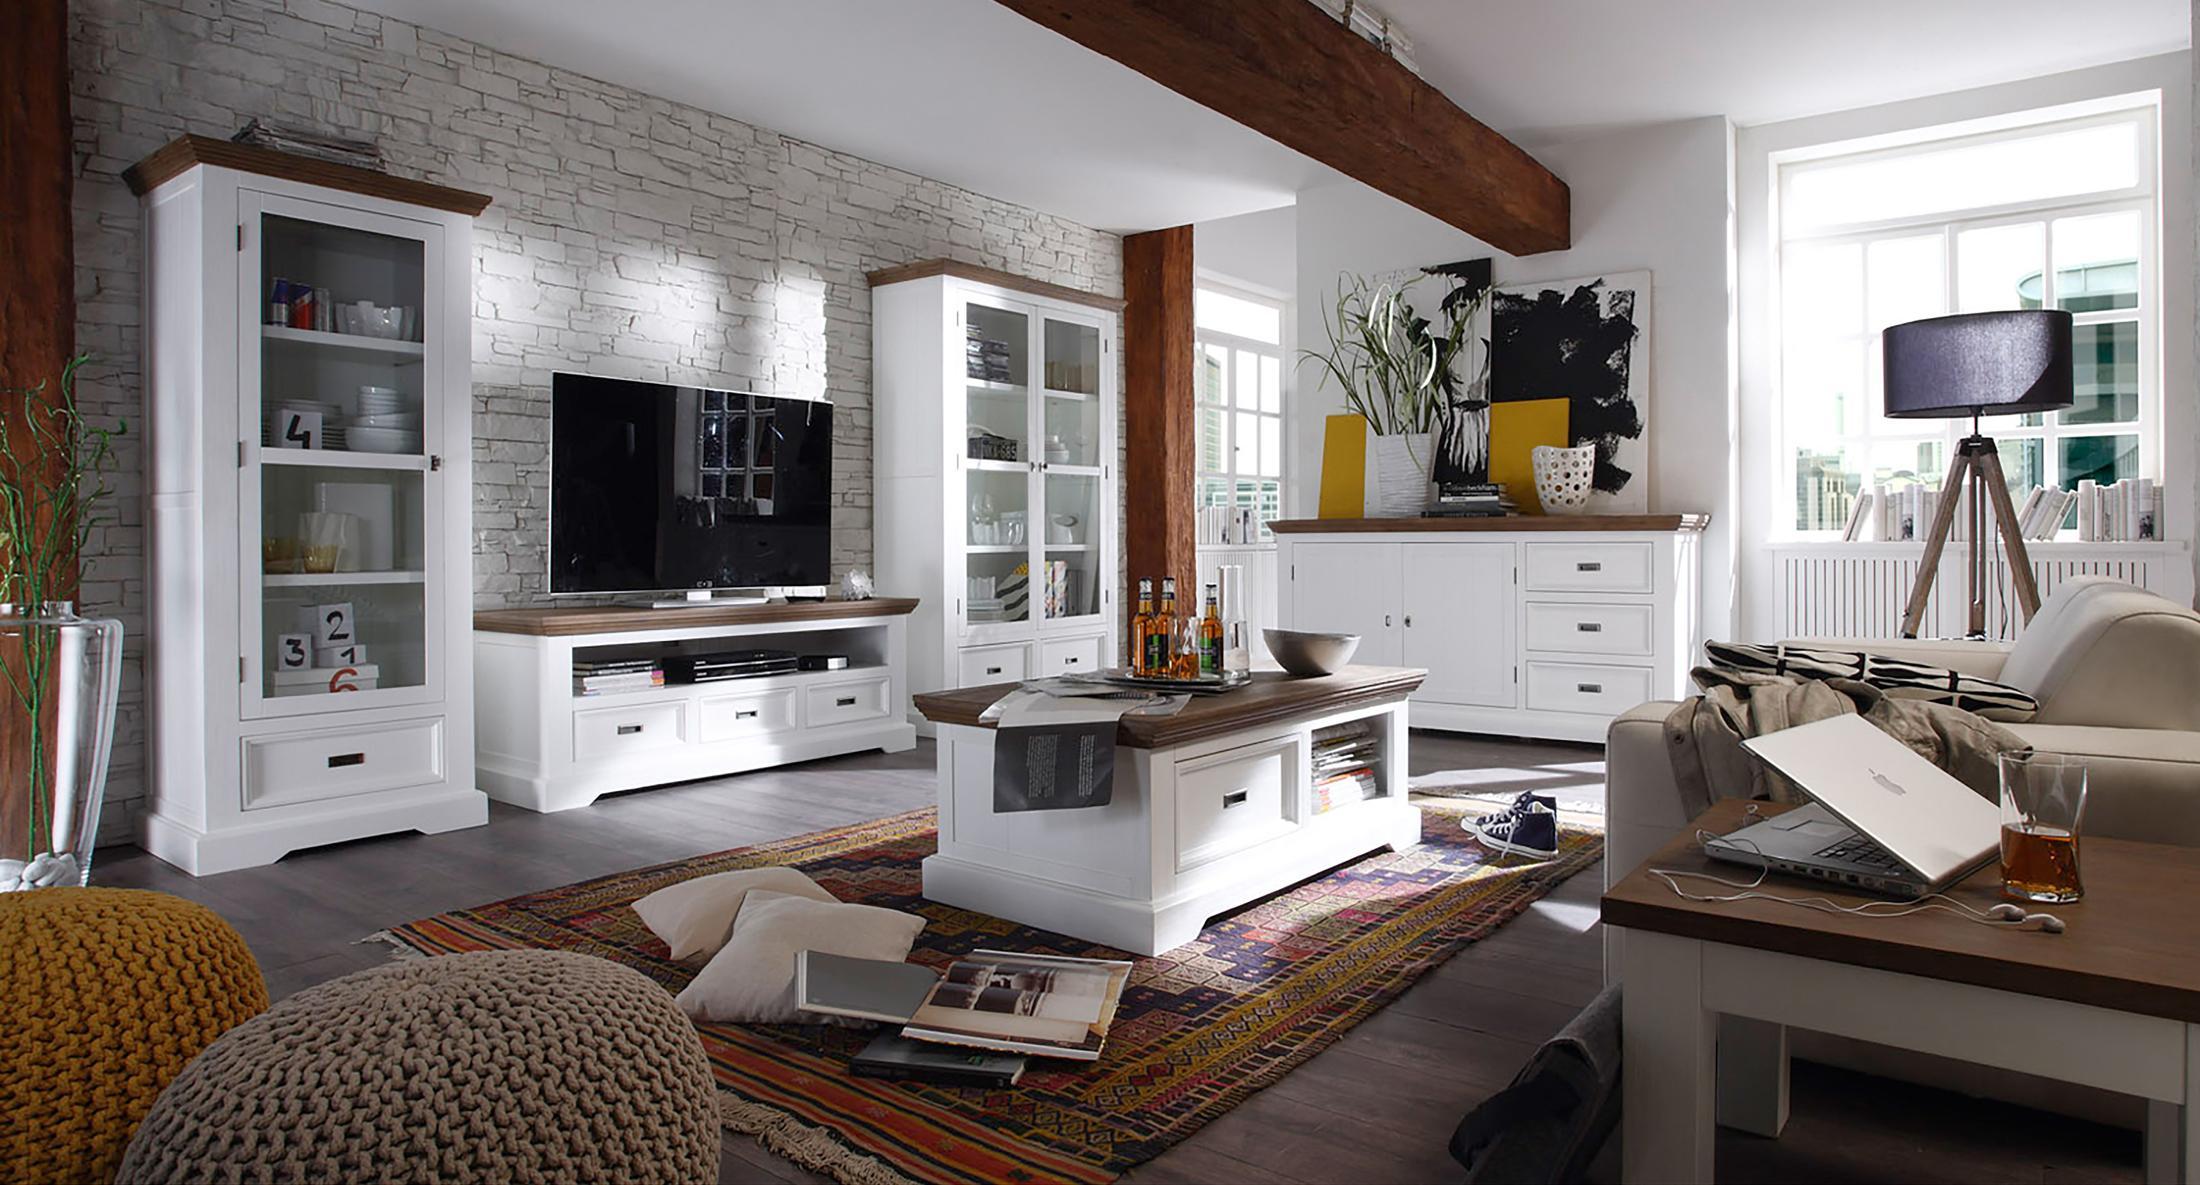 Hochwertig Wohnzimmer Mit Weißen Möbeln Gestalten #couchtisch #beistelltisch #teppich  #schrank #sofa #